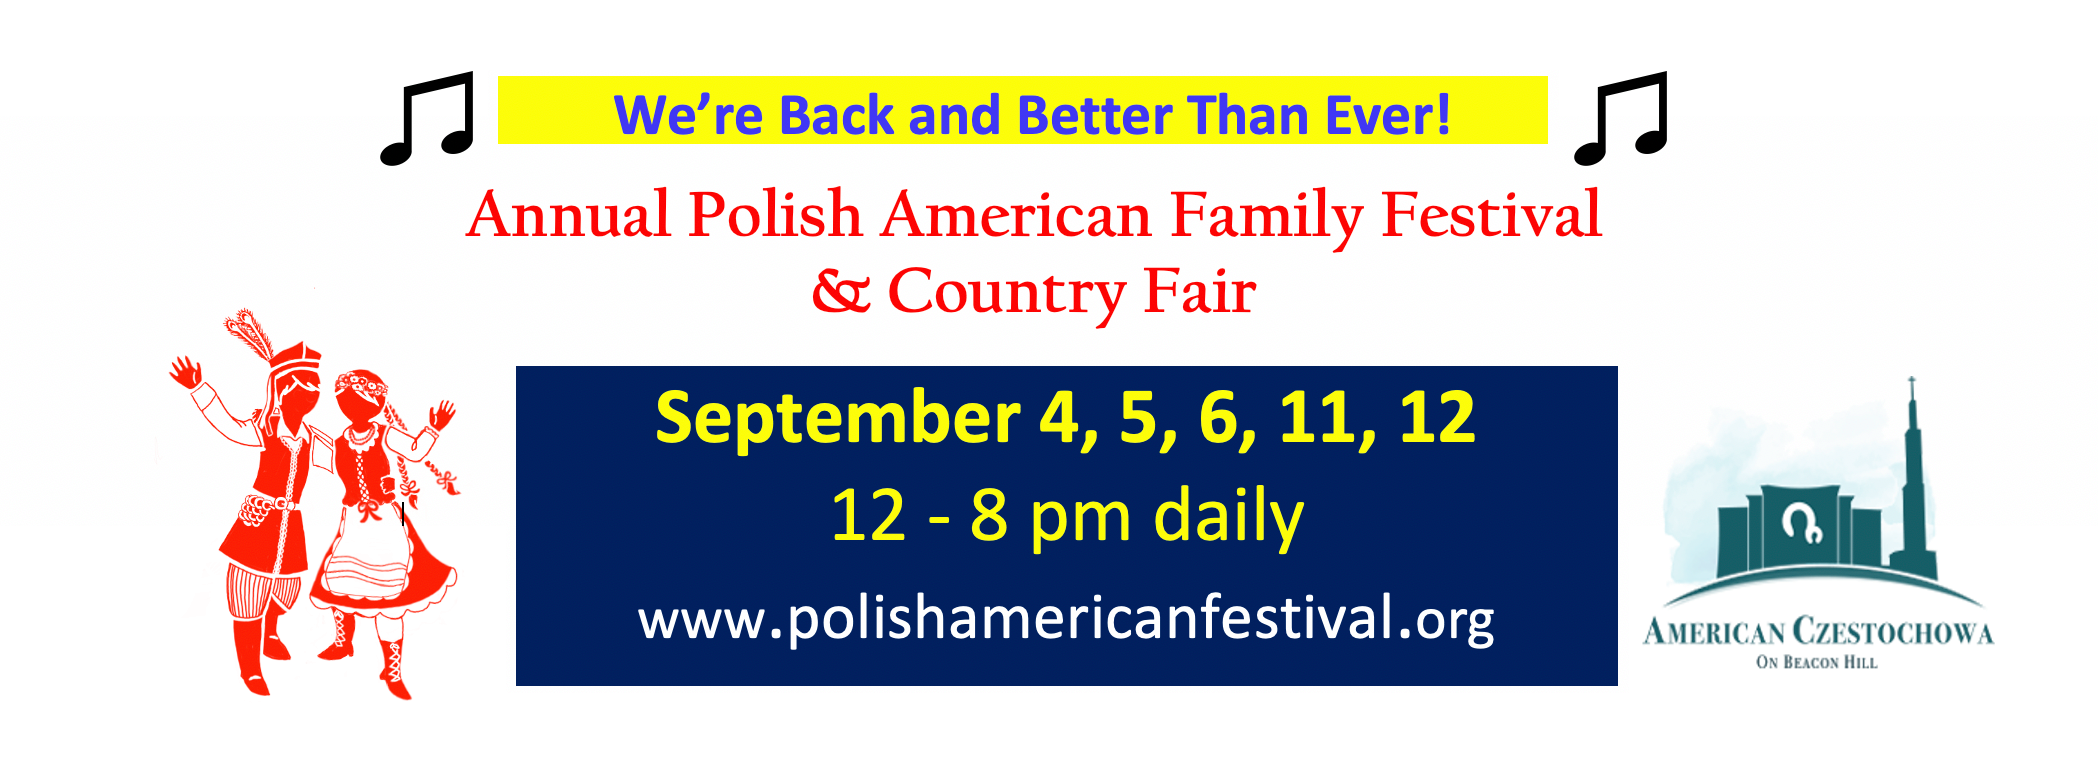 Polsko-Amerykański Festiwal 2021 odbędzie się w Amerykańskiej Częstochowie w PA